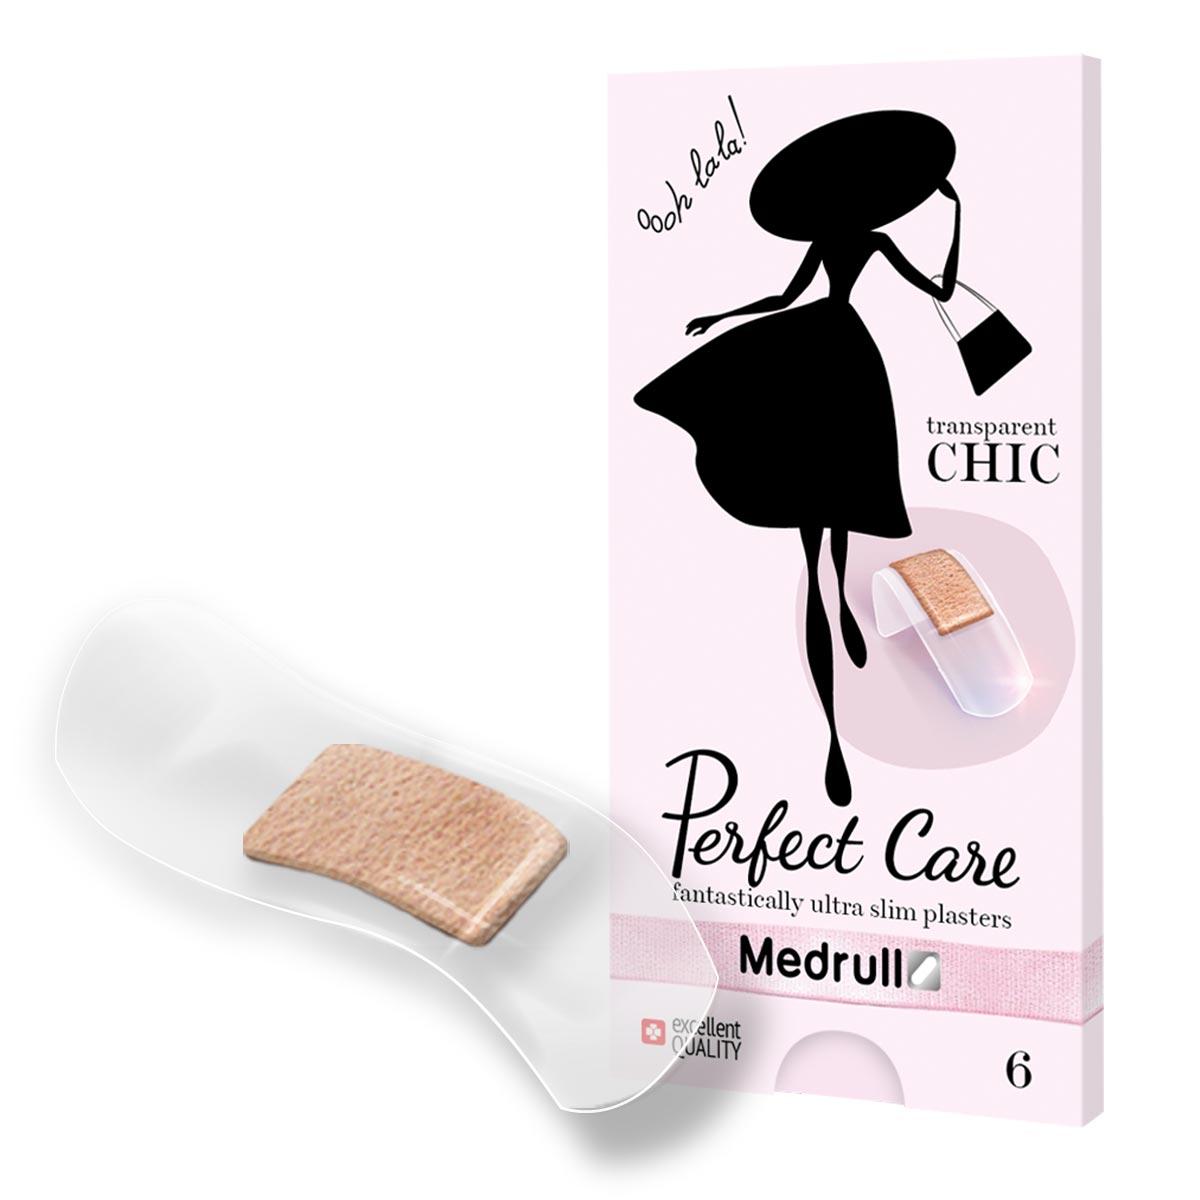 Medrull Набор пластырей Perfect Care, №6БУ-00000316Идеально прозрачные пластыри, которые помогут защитить рану и будут практически незаметны на Вашей коже. Удобная и красивая упаковка, небольшого размера, не займет много места в Вашей сумочке. Пластыри изготовлены из тонкого, эластичного, прозрачного, полимерного, приятного для кожи материала. Свойства пластыря: водонепроницаемые, грязенепроницаемые, гипоаллергенные, эластичные, плотно прилегающие. Абсорбирующая подушечка изготовлена из вискозы и обладает высокой впитываемостью. Верхняя часть подушечки обработана полипропиленом, что защищает от вероятности прилипания пластыря к поврежденной поверхности кожи.